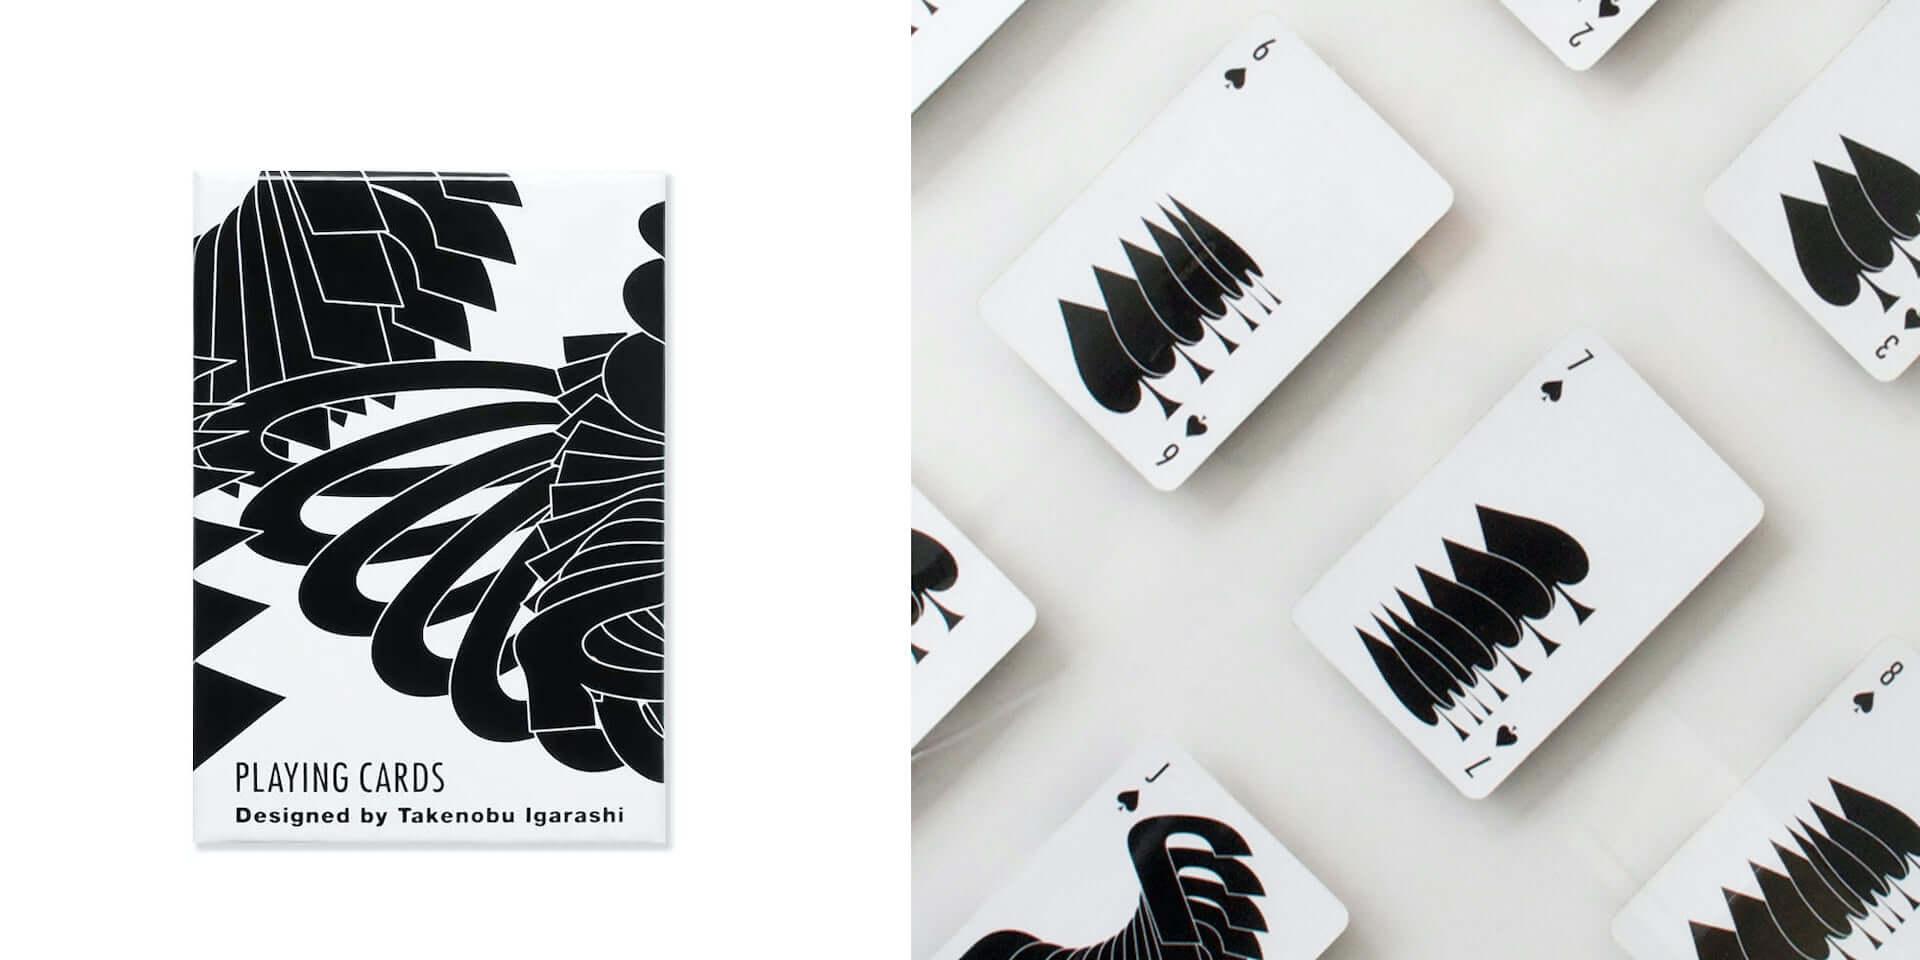 MoMA Design Storeによる日本発のグッドデザイン特集が公開!イサム・ノグチの照明、五十嵐威暢のトランプなど多数ラインナップ art210115_momastore_1-1920x960